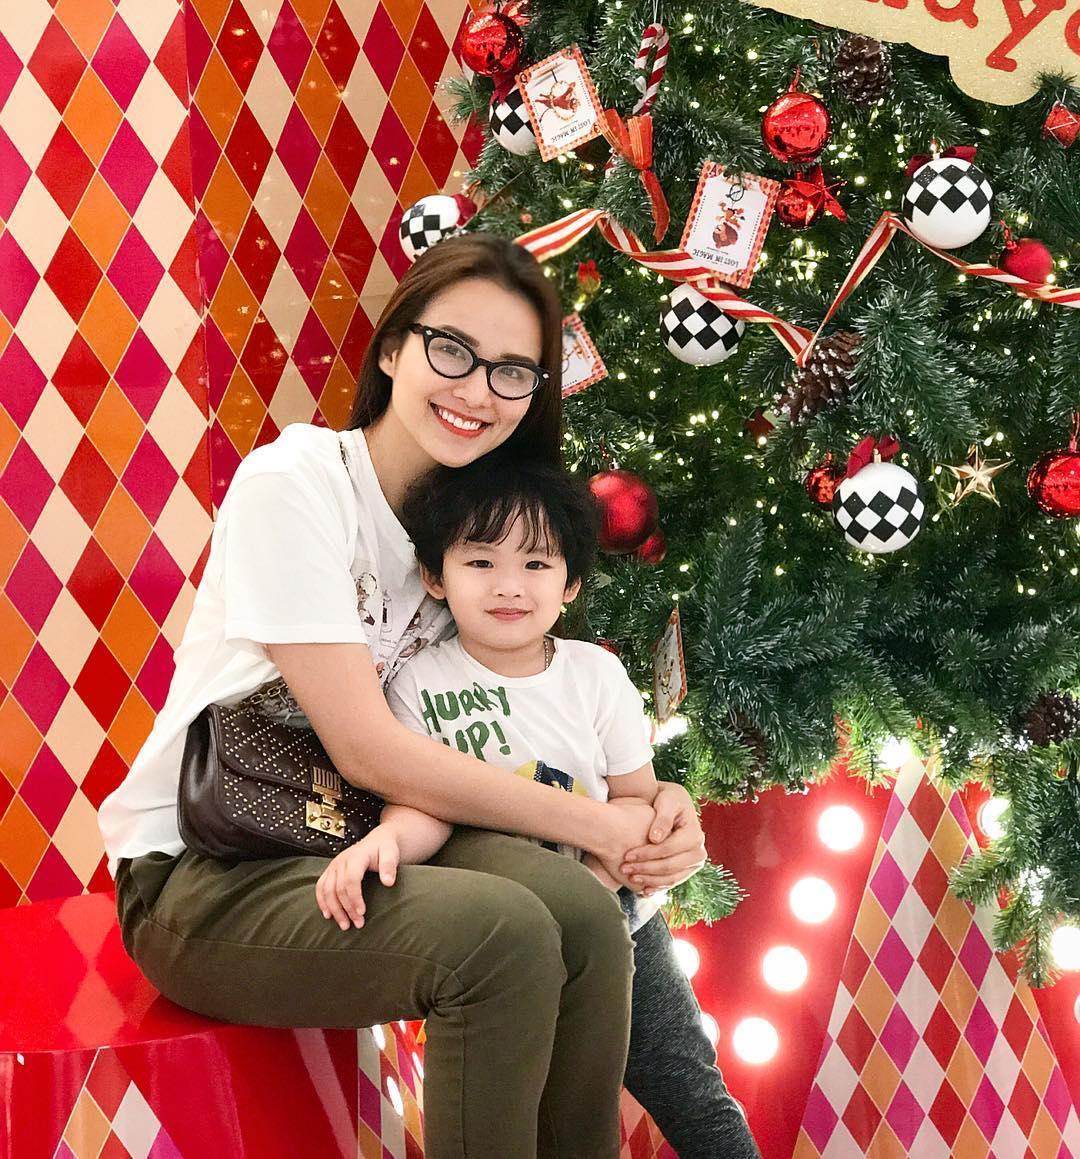 Tin sao Việt: Angela Phương Trinh gây sốc hội chị em khi khoe vòng 3 ngoại cỡ-6